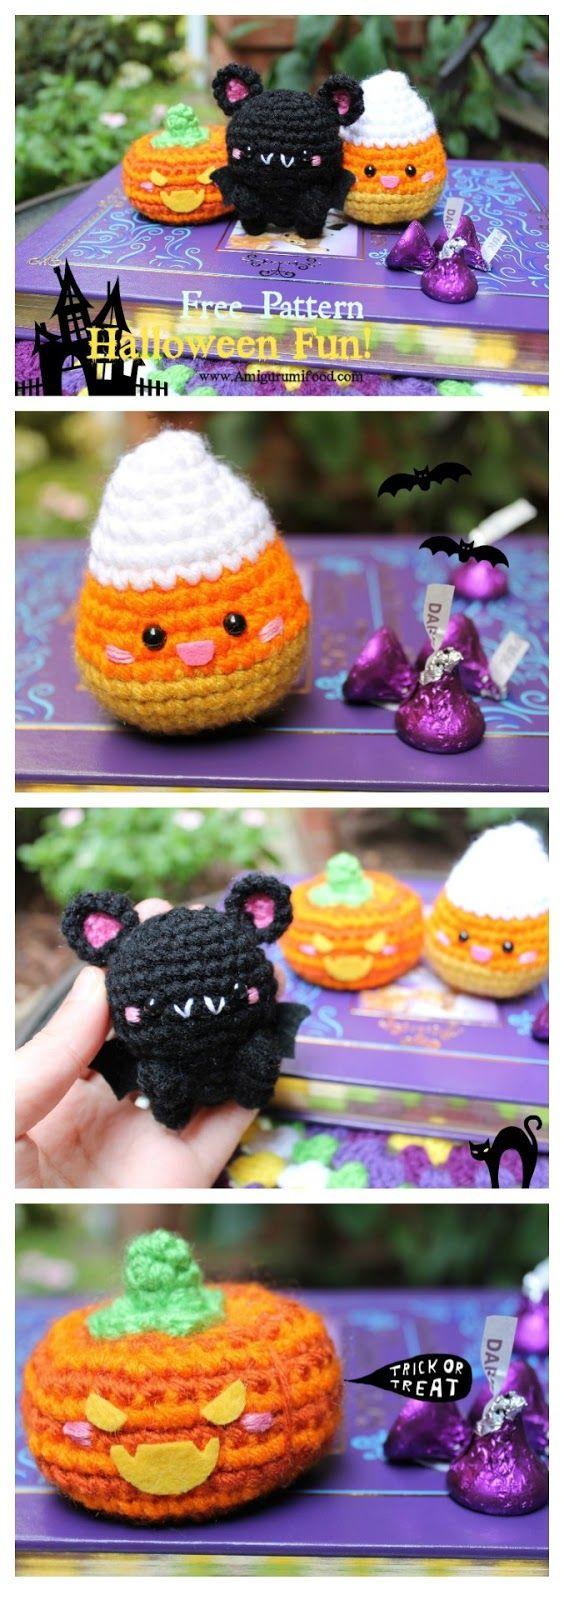 Amigurumi Food: Halloween is Coming soon...Halloween Fun!! Free ...